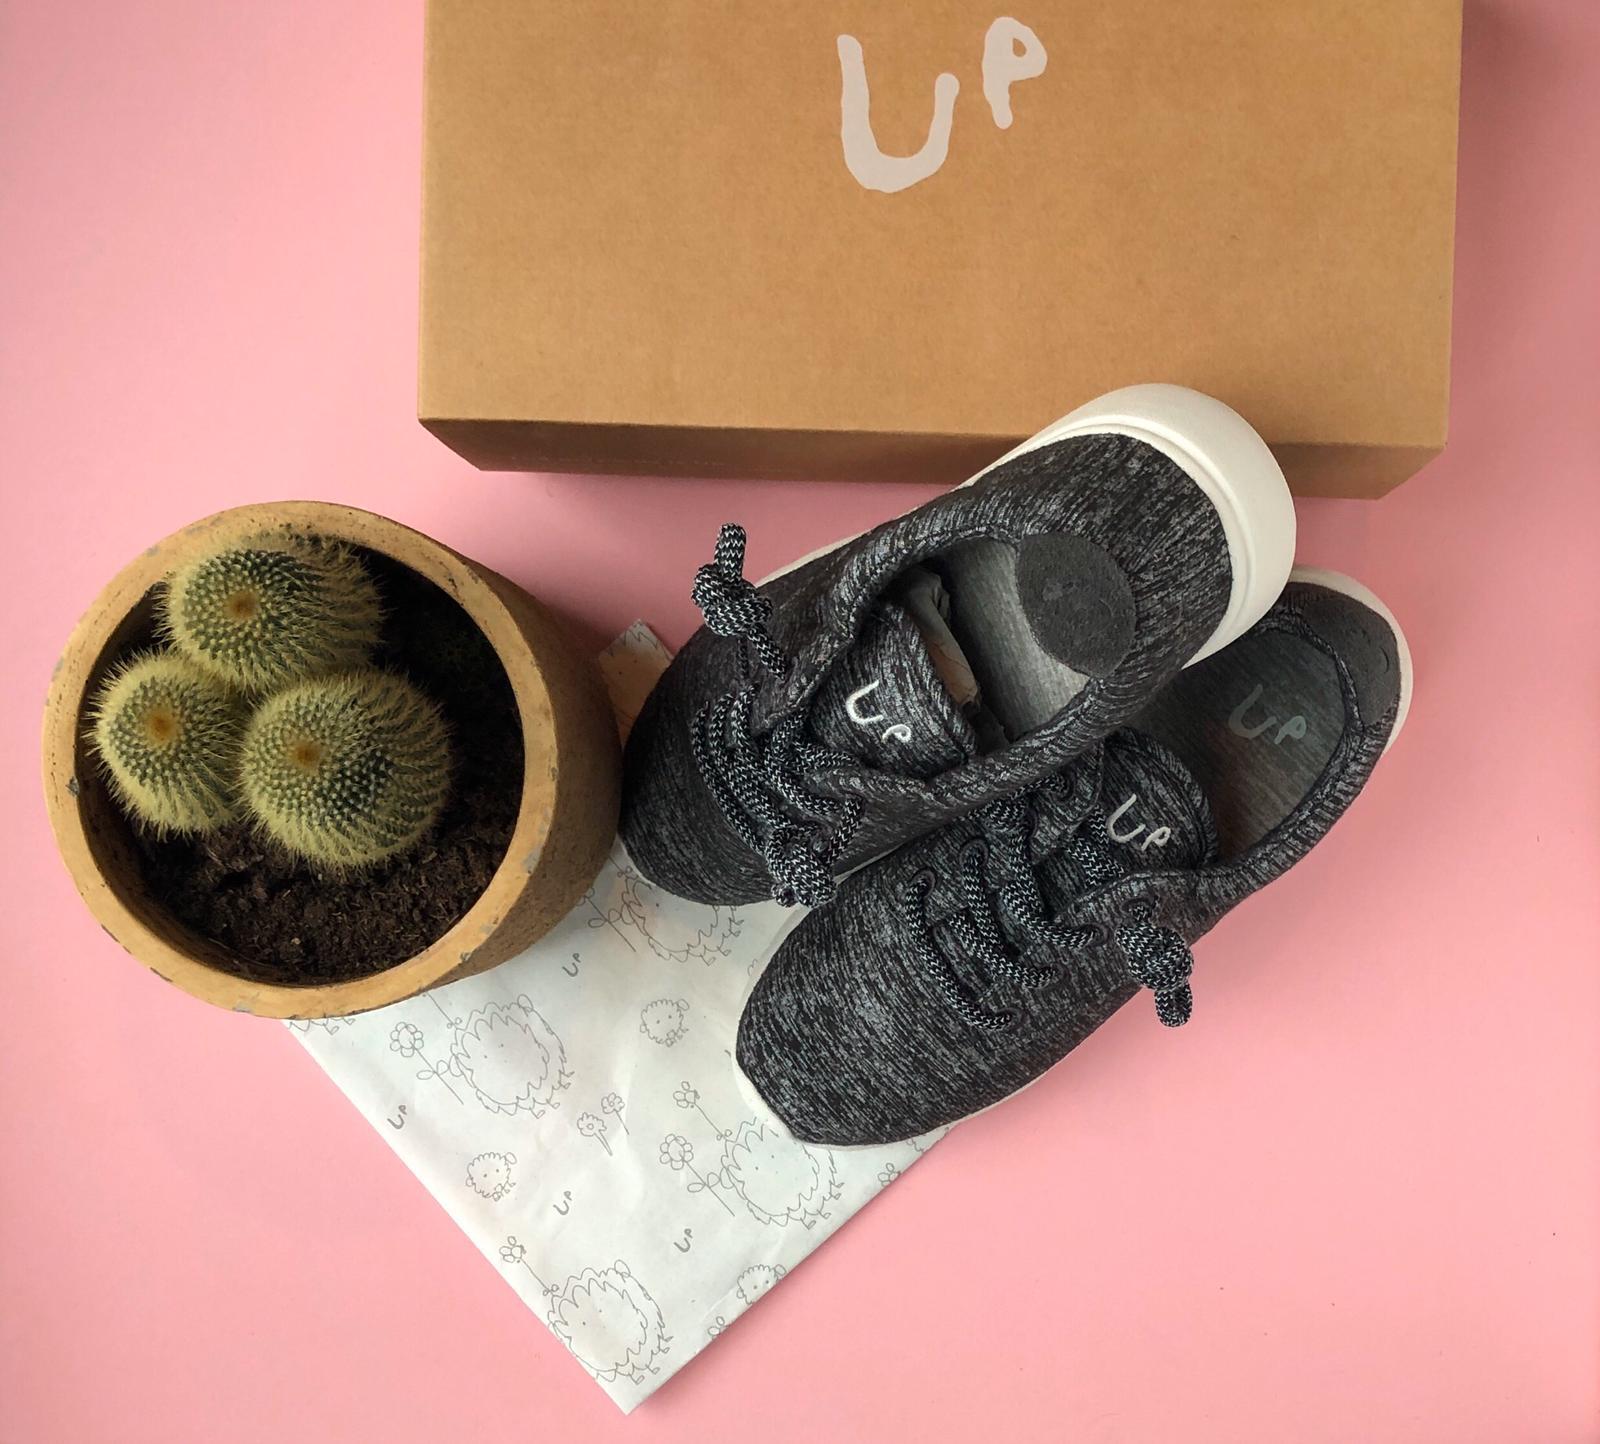 Up Shoewear